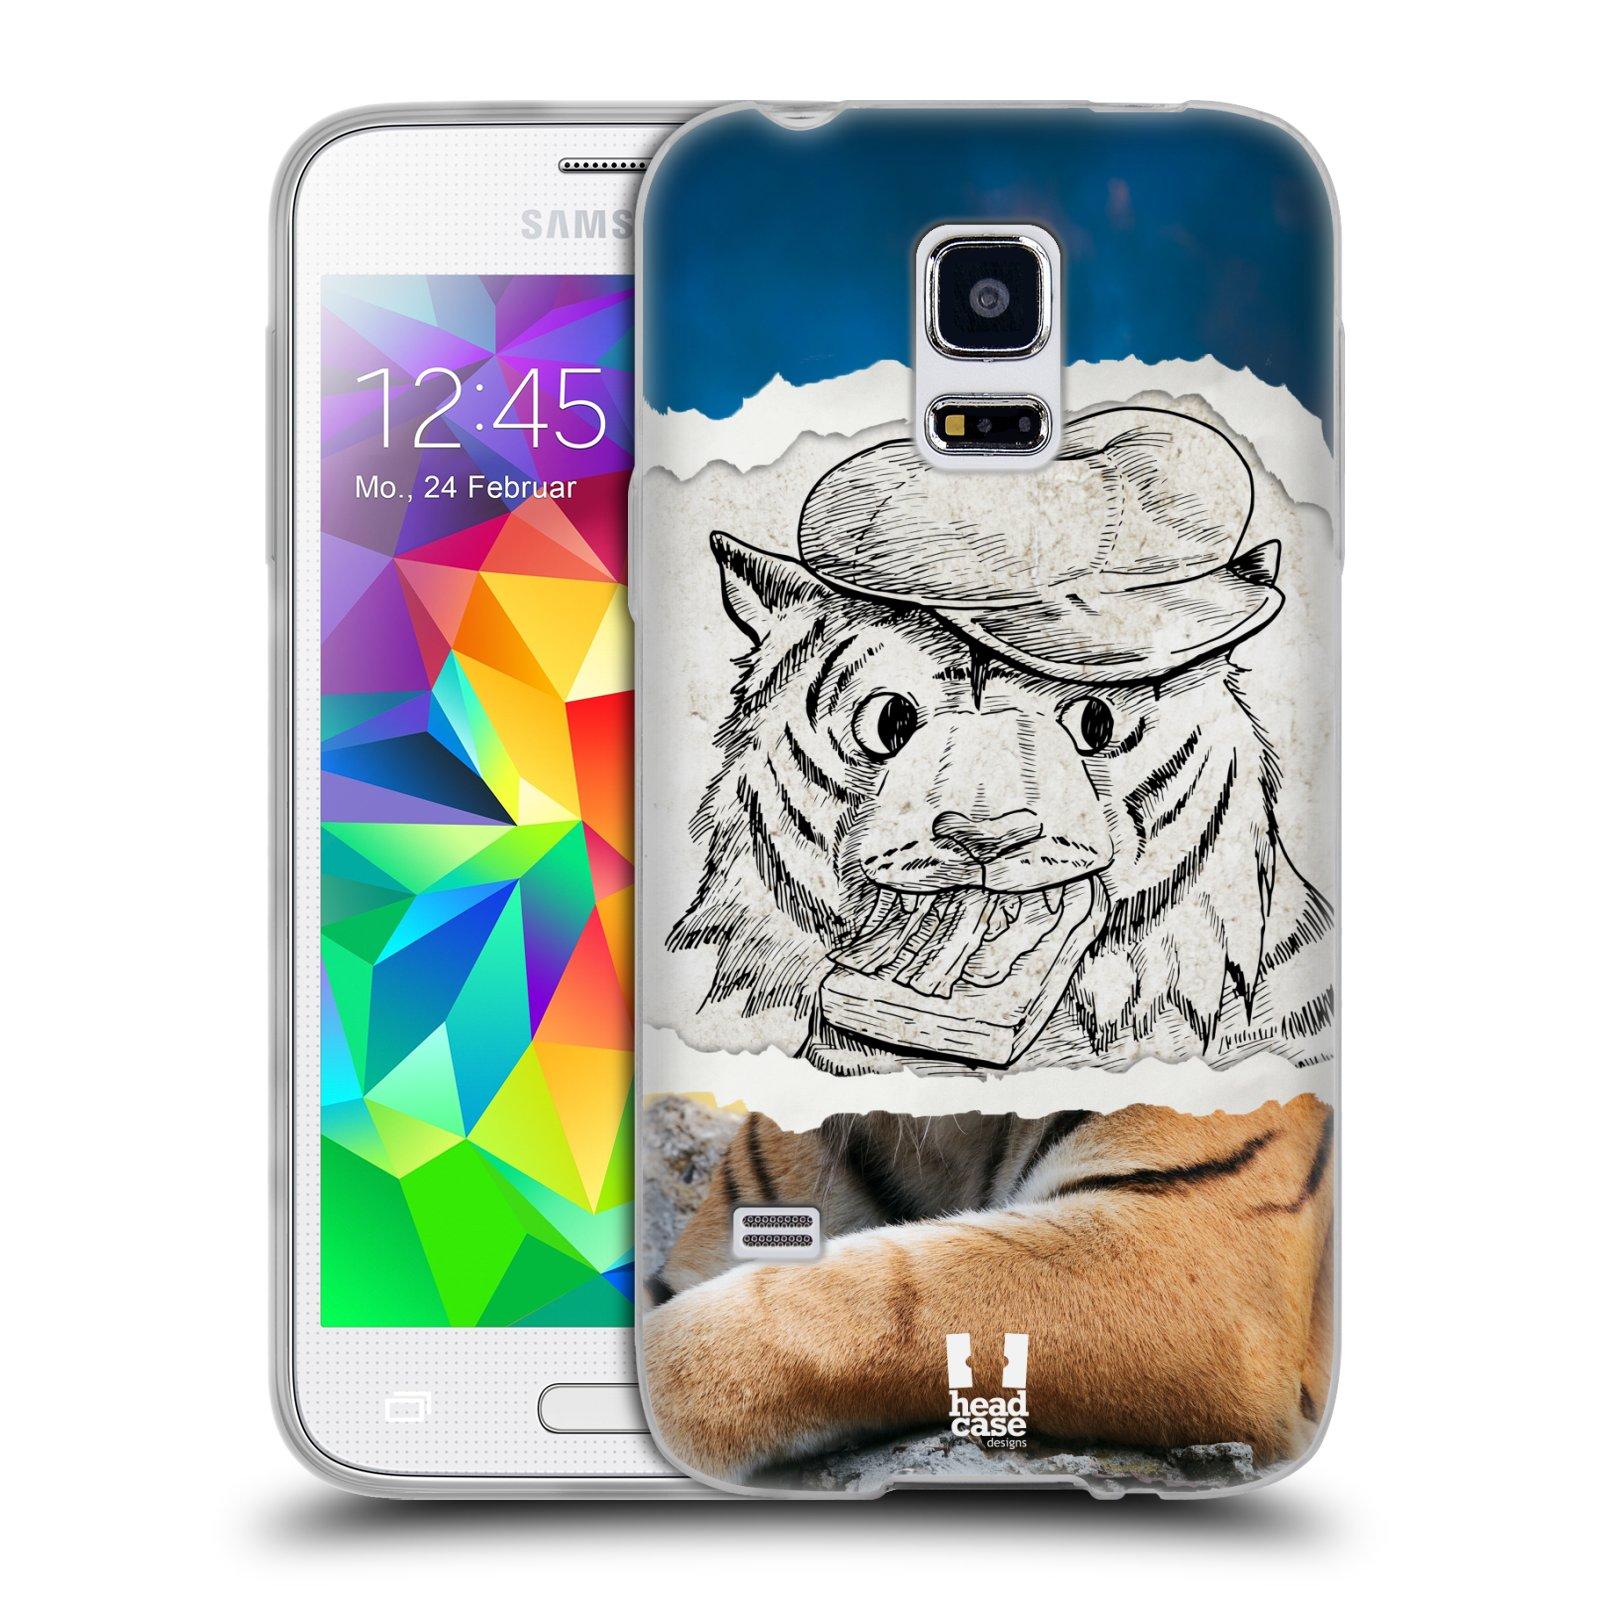 HEAD CASE silikonový obal na mobil Samsung Galaxy S5 MINI vzor zvířata koláž tygr fešák